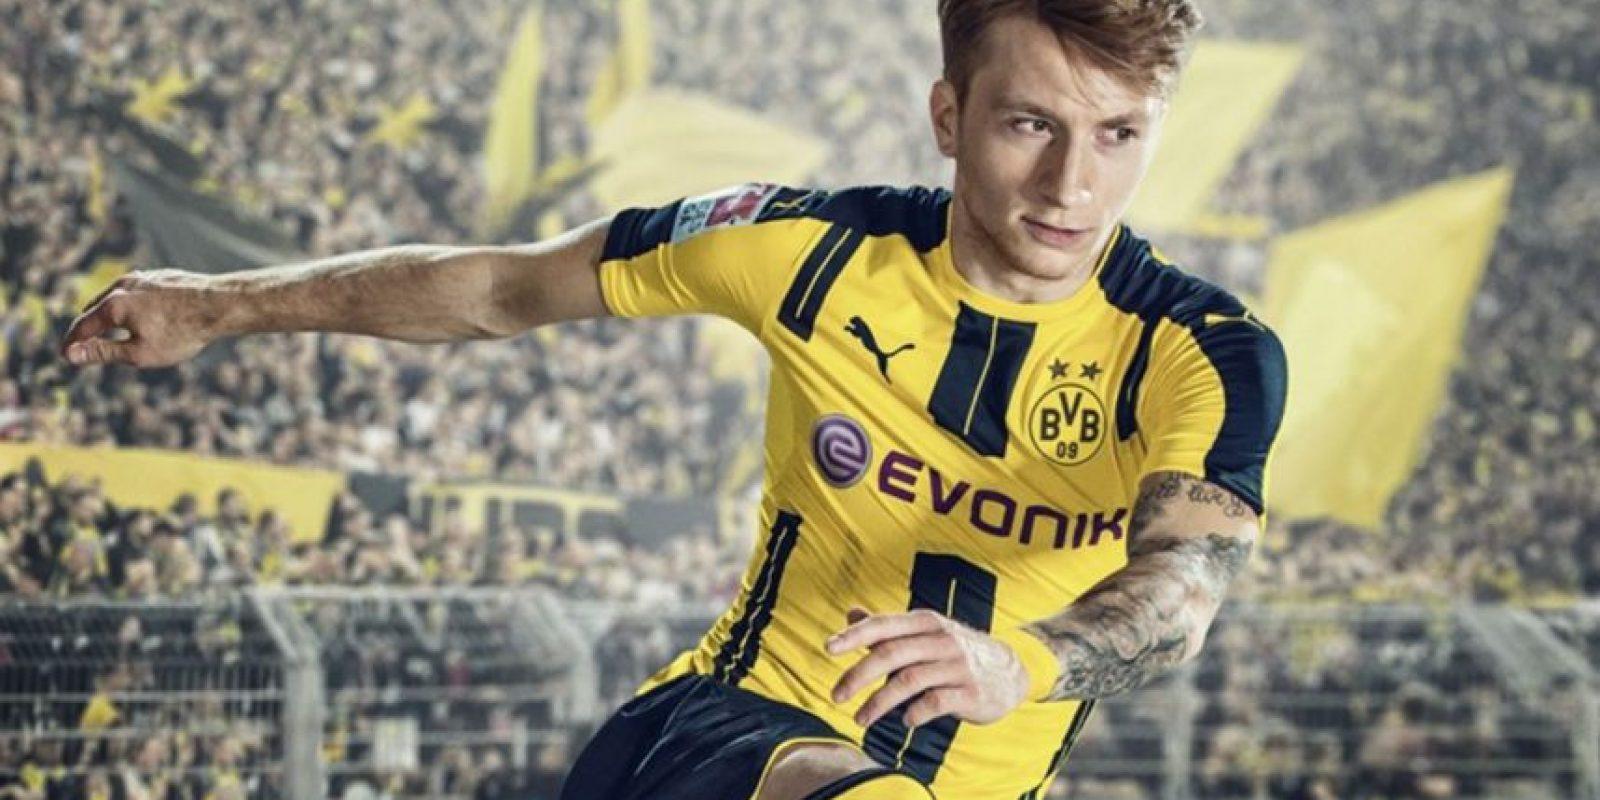 Serán imbatibles en el videojuego Foto:FIFA 17